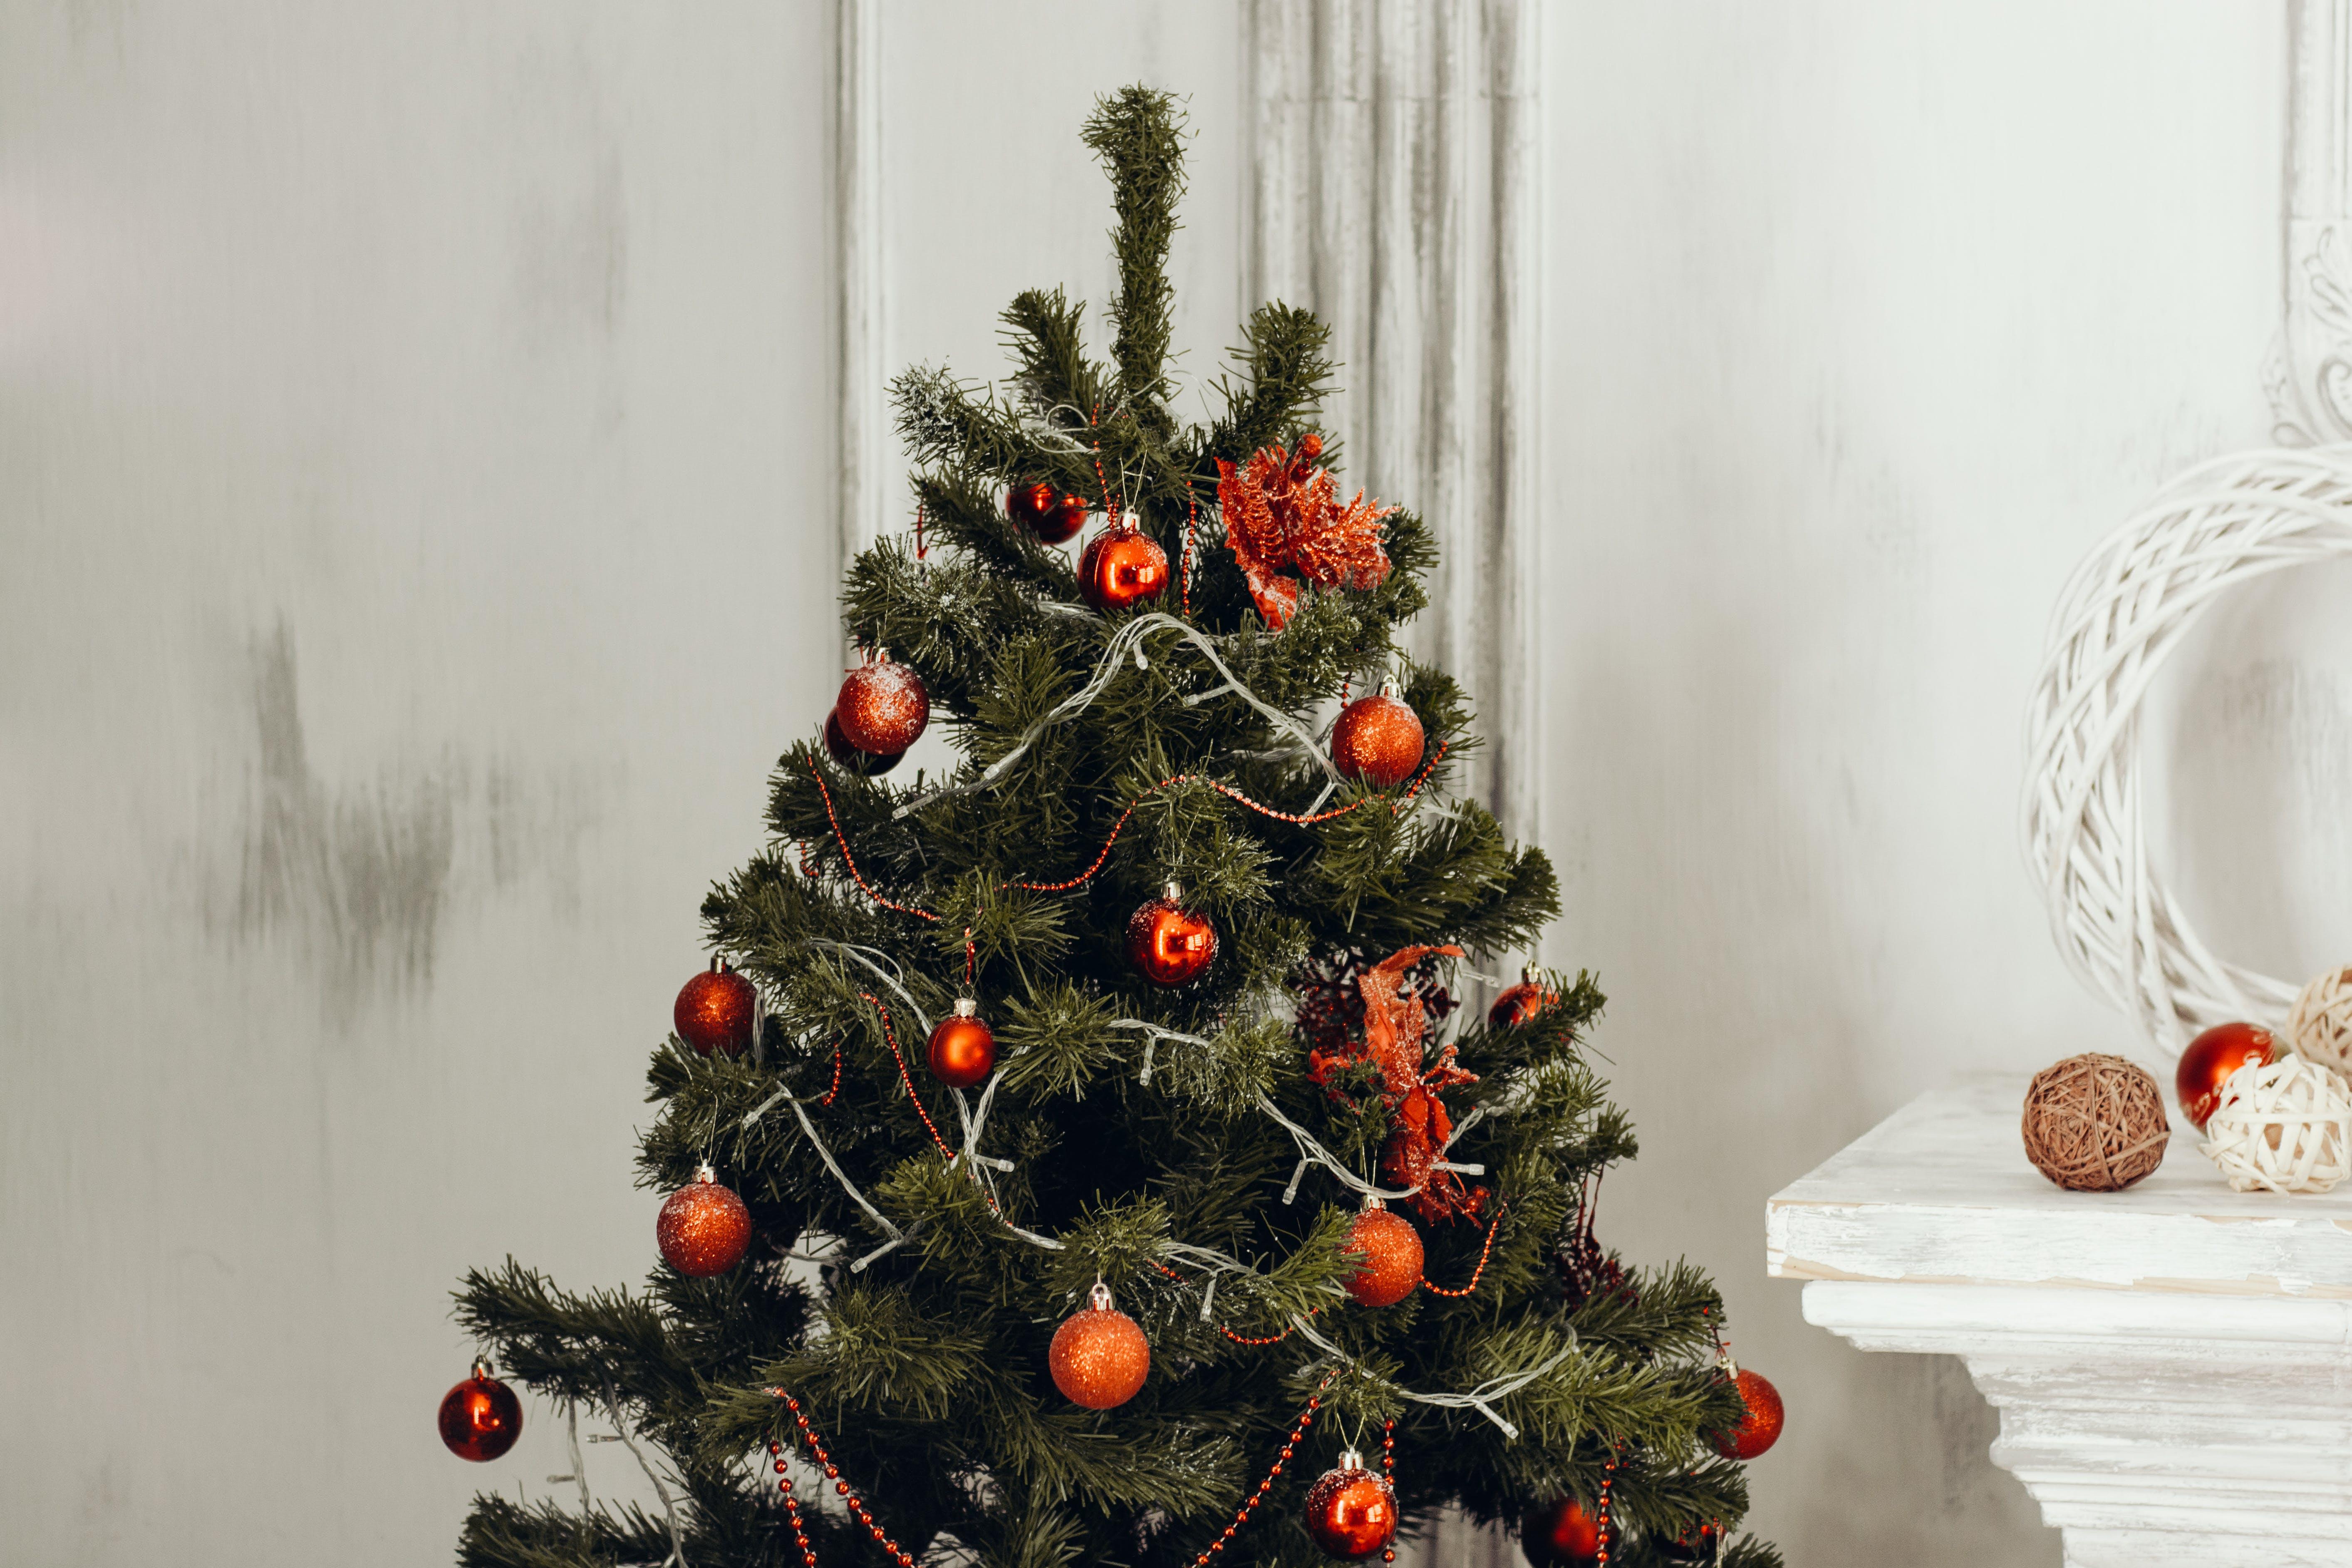 Kostenloses Stock Foto zu dekor, feier, weihnachten, weihnachtsbaum